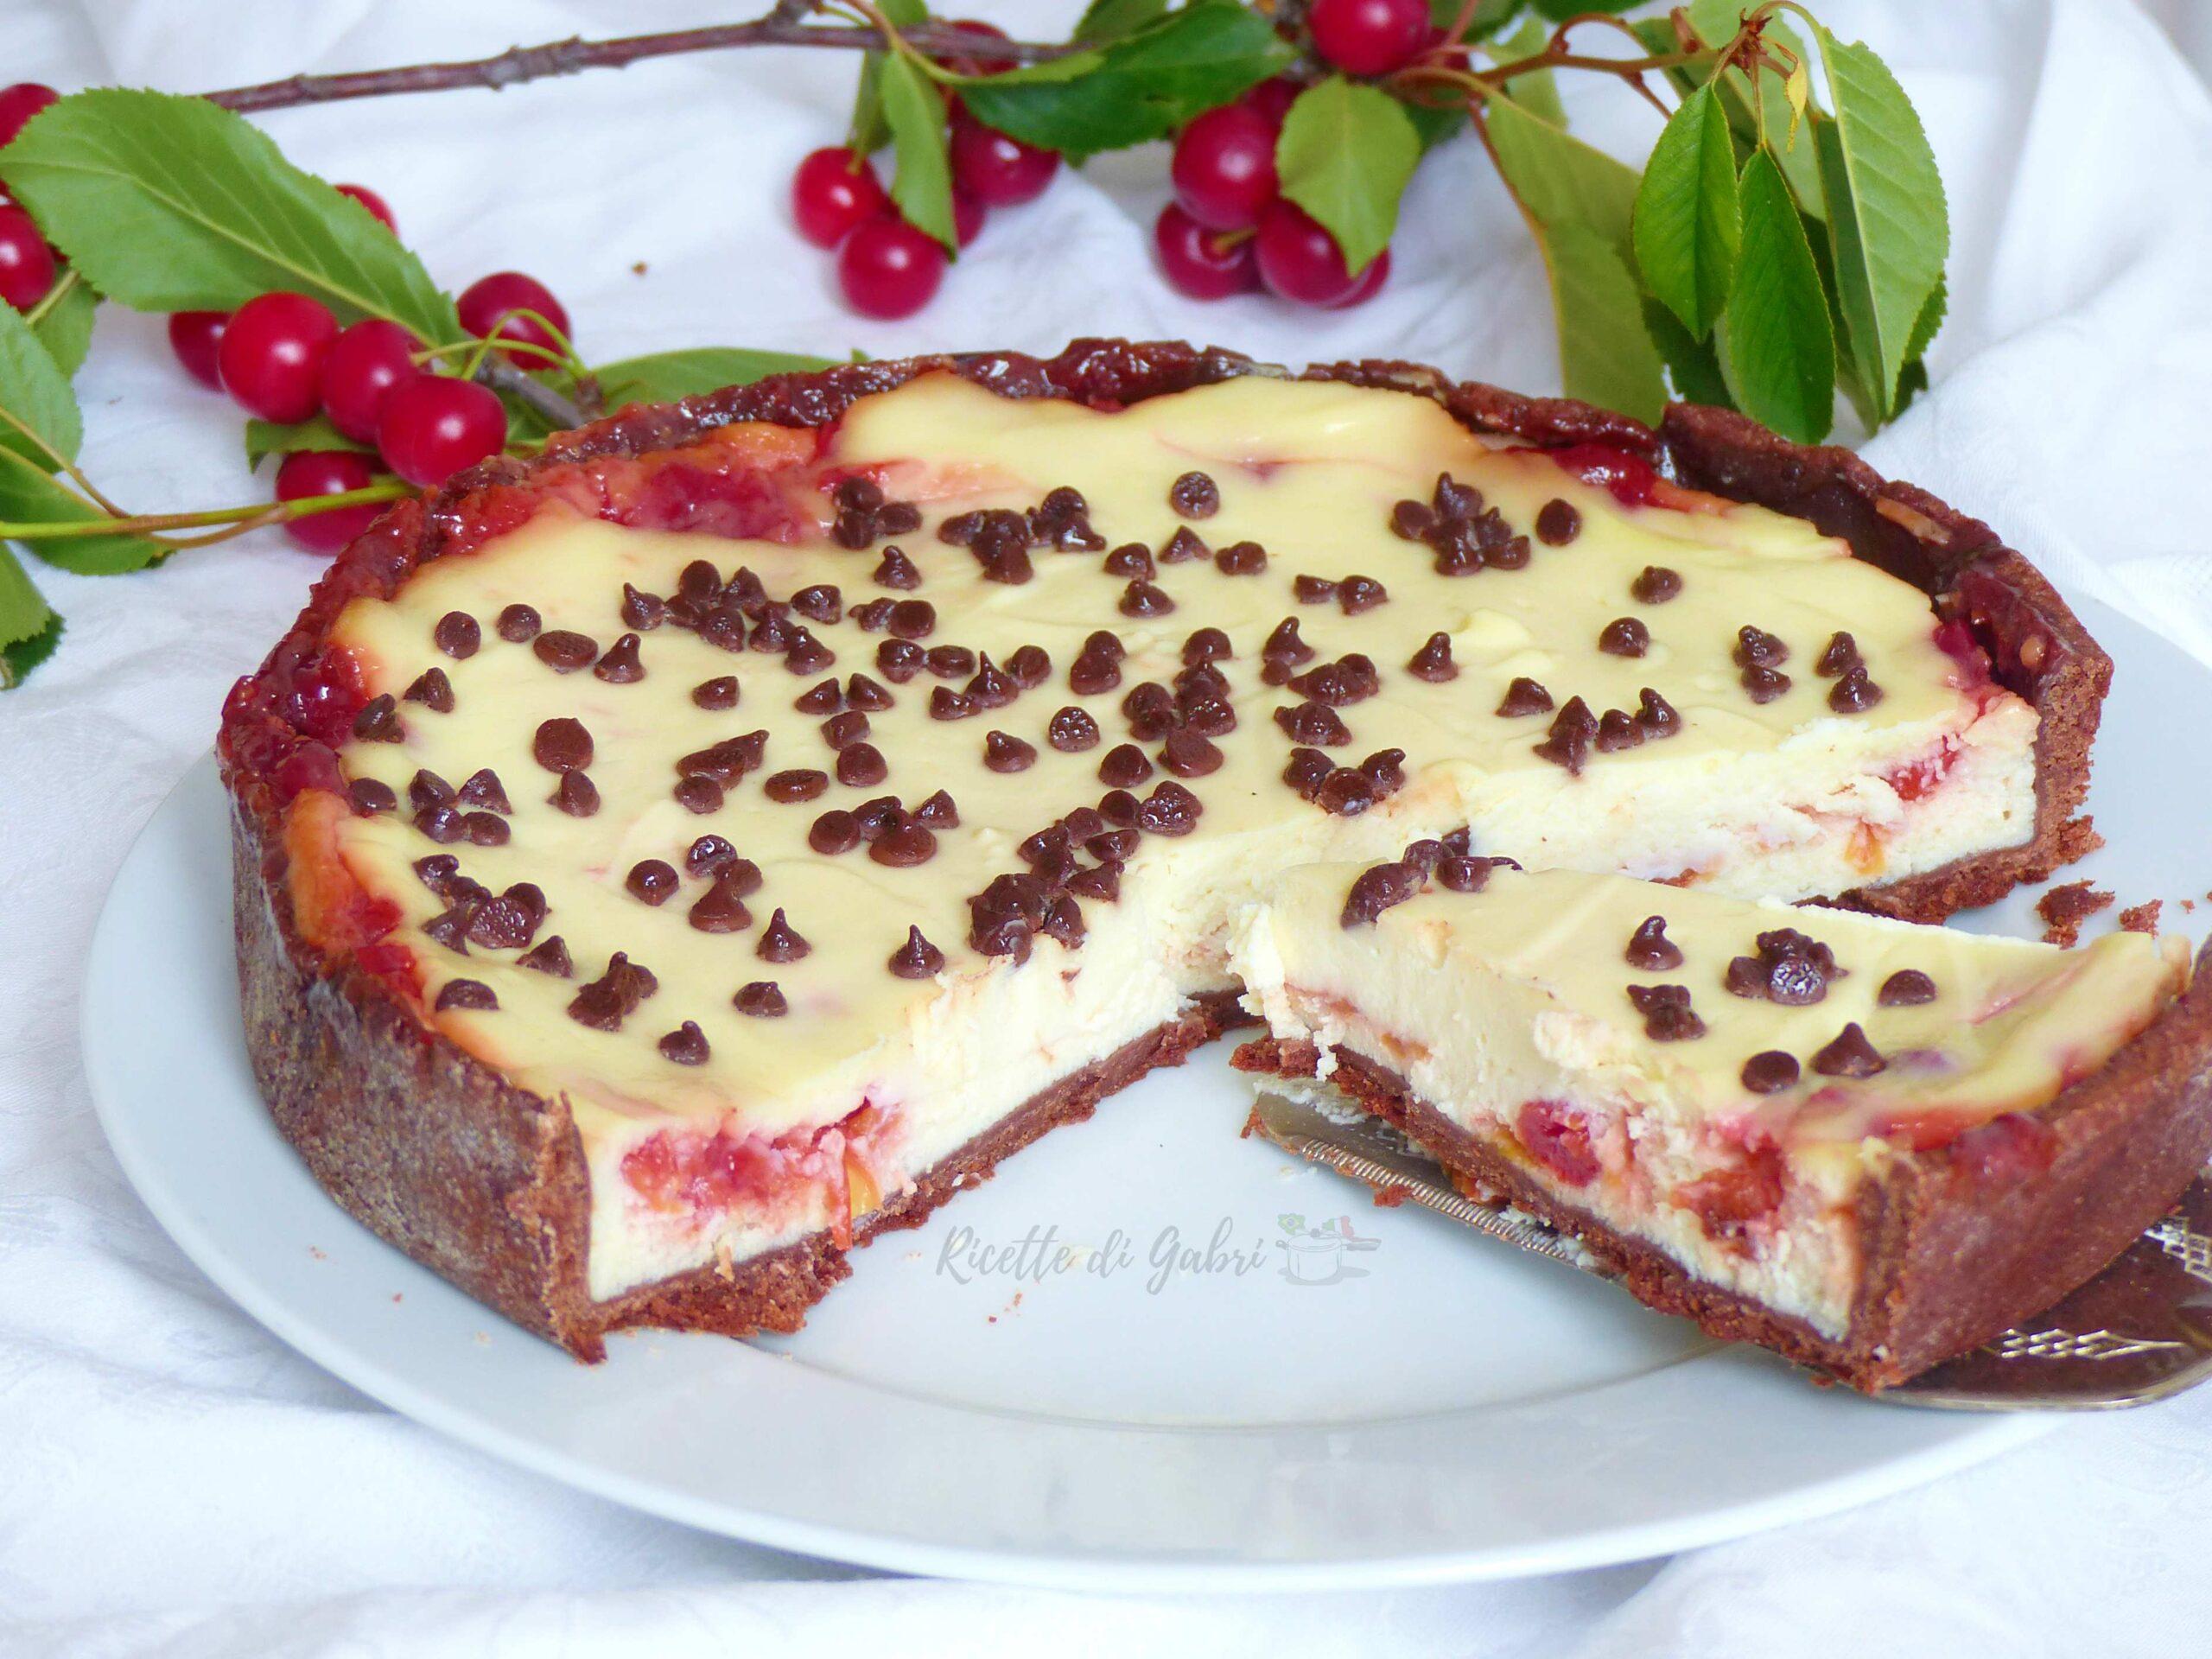 crostata cioccolato ricotta e visciole ricetta romana, marasche, ciliegie ricette di gabri